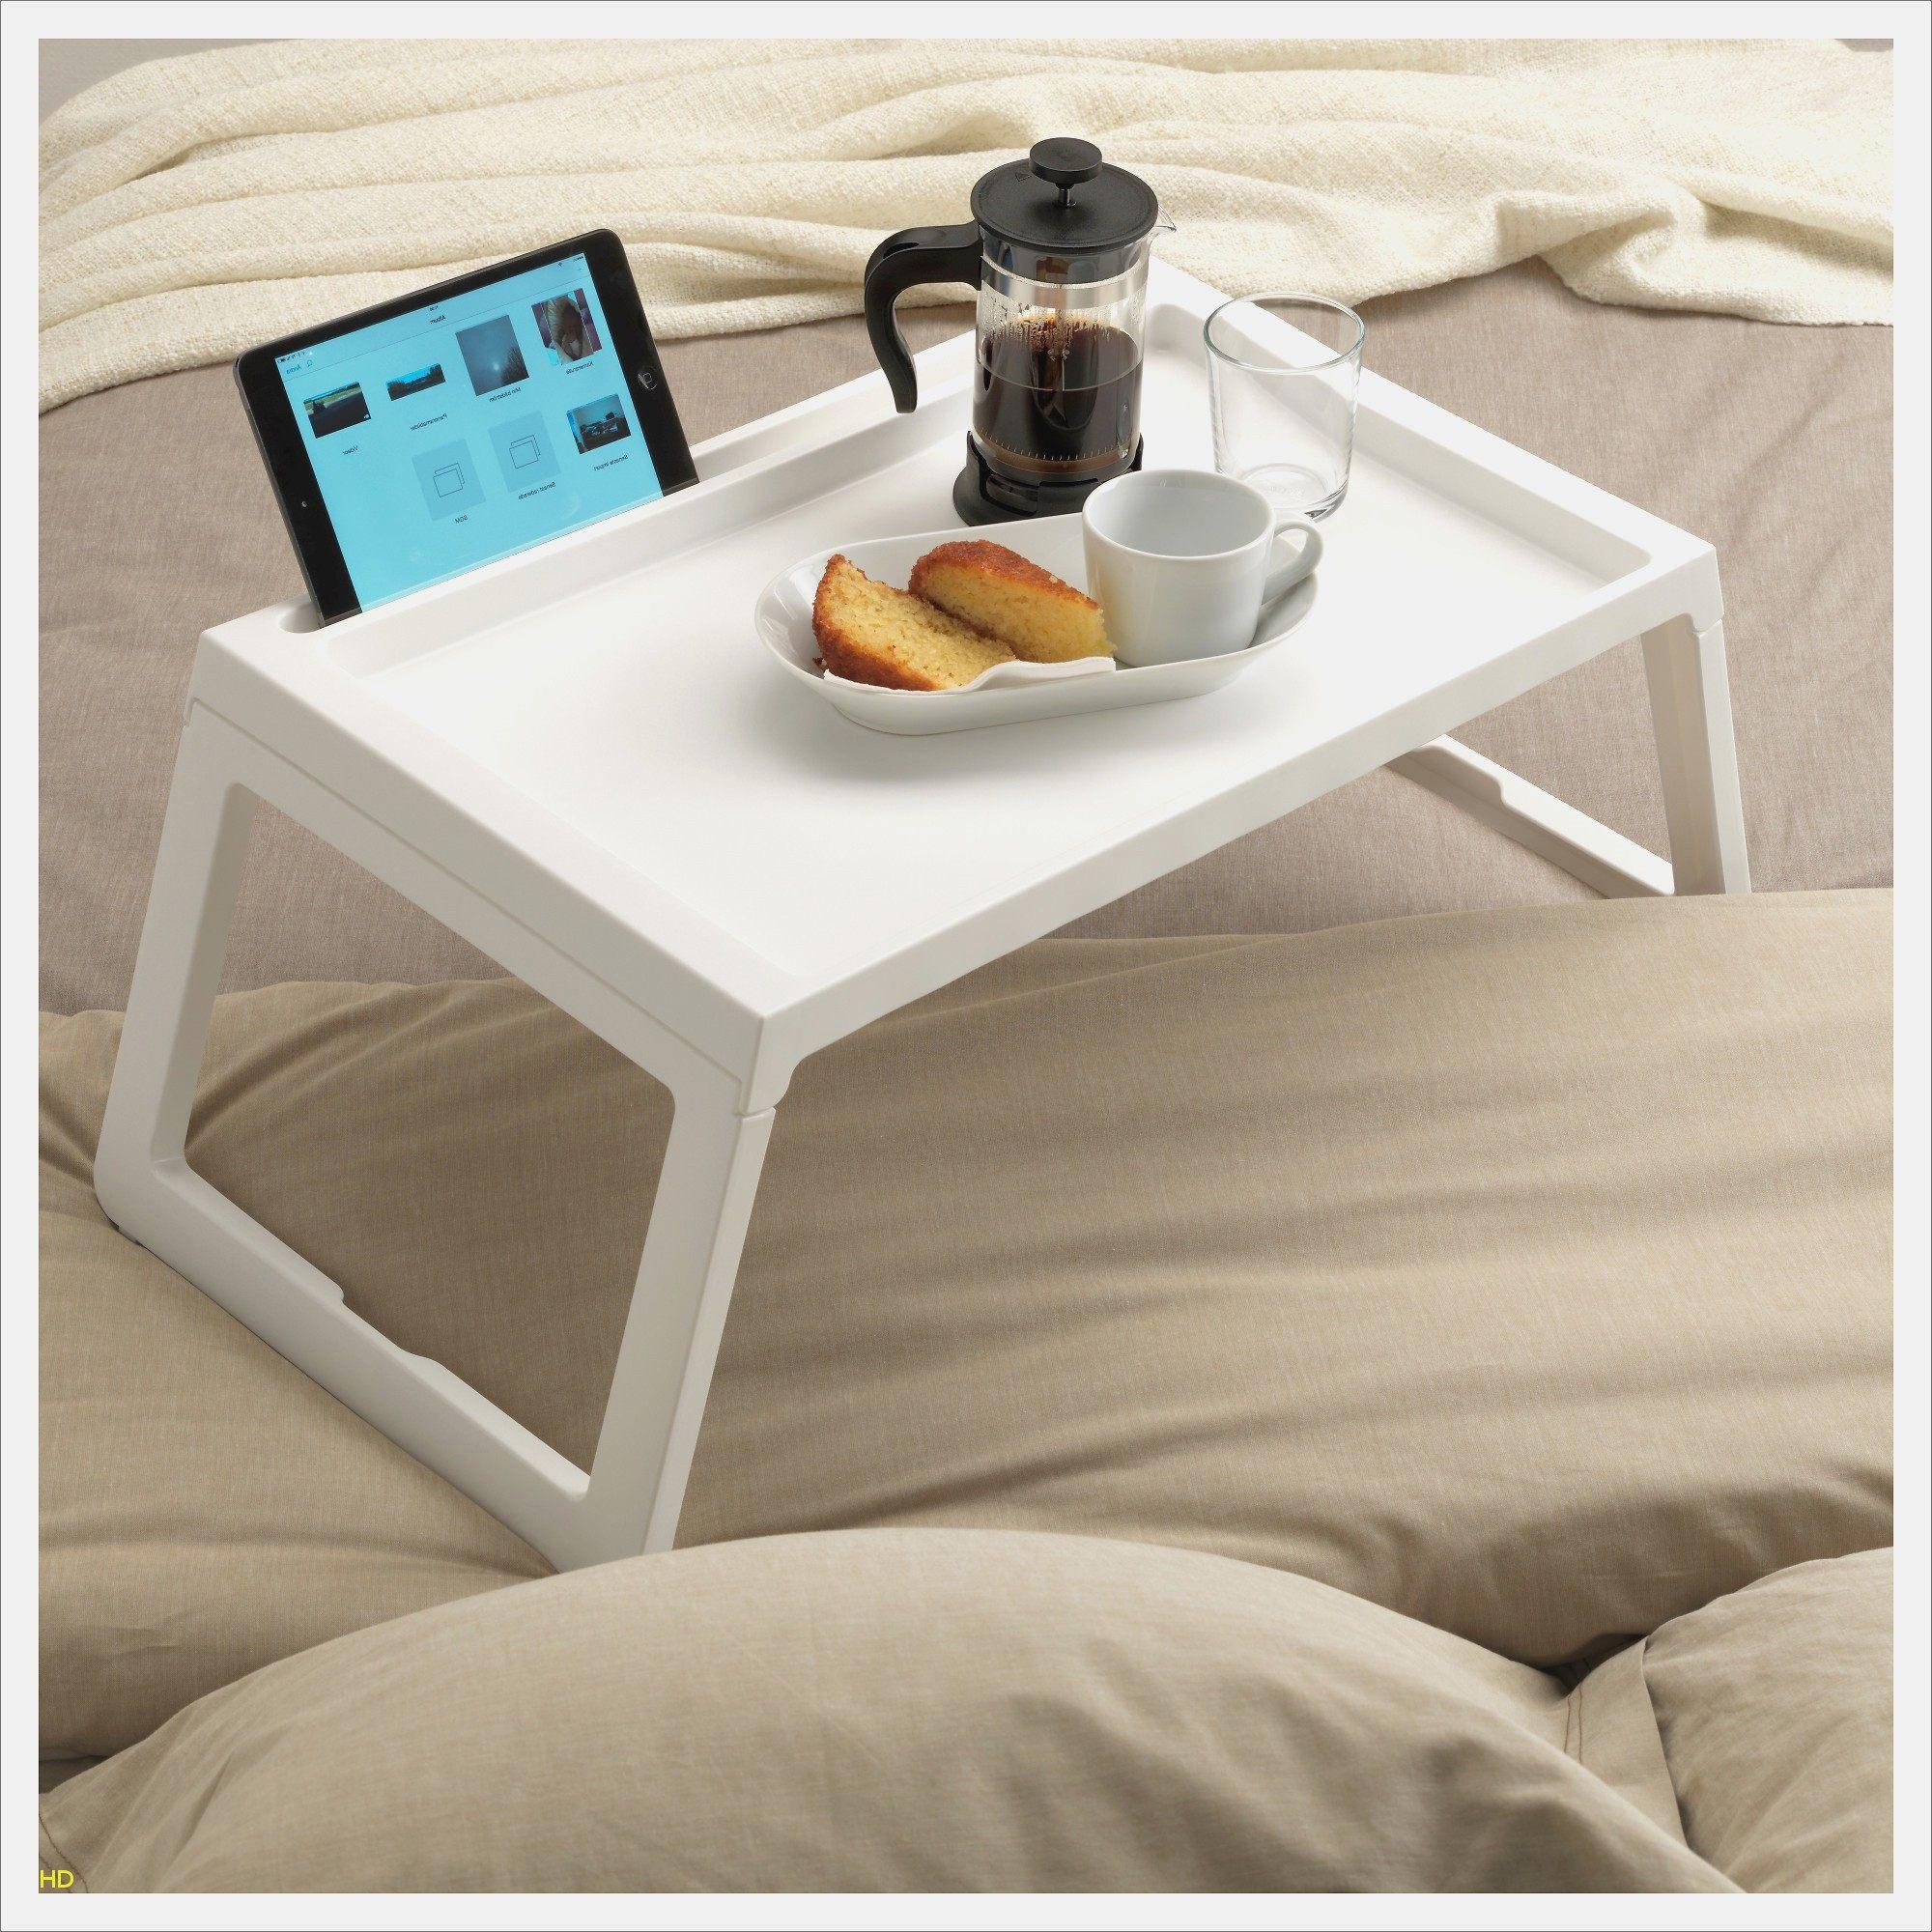 lit b b fly l gant lit. Black Bedroom Furniture Sets. Home Design Ideas